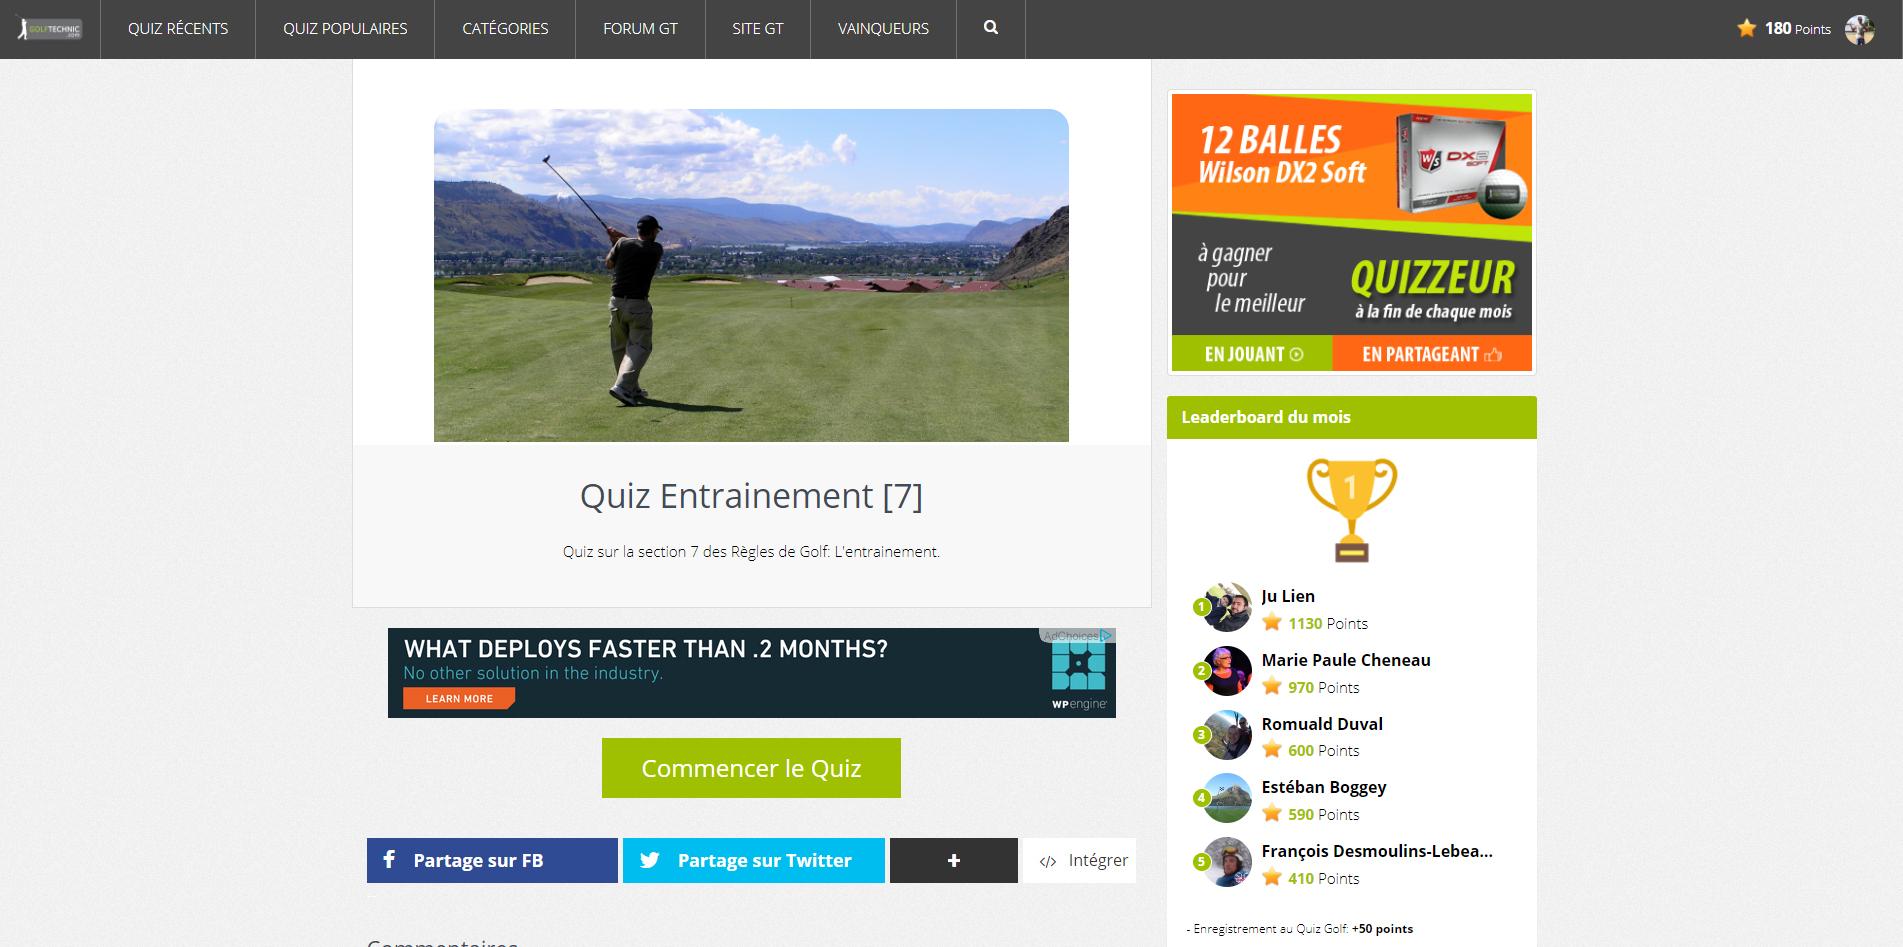 Règles de golf Royal and Ancient